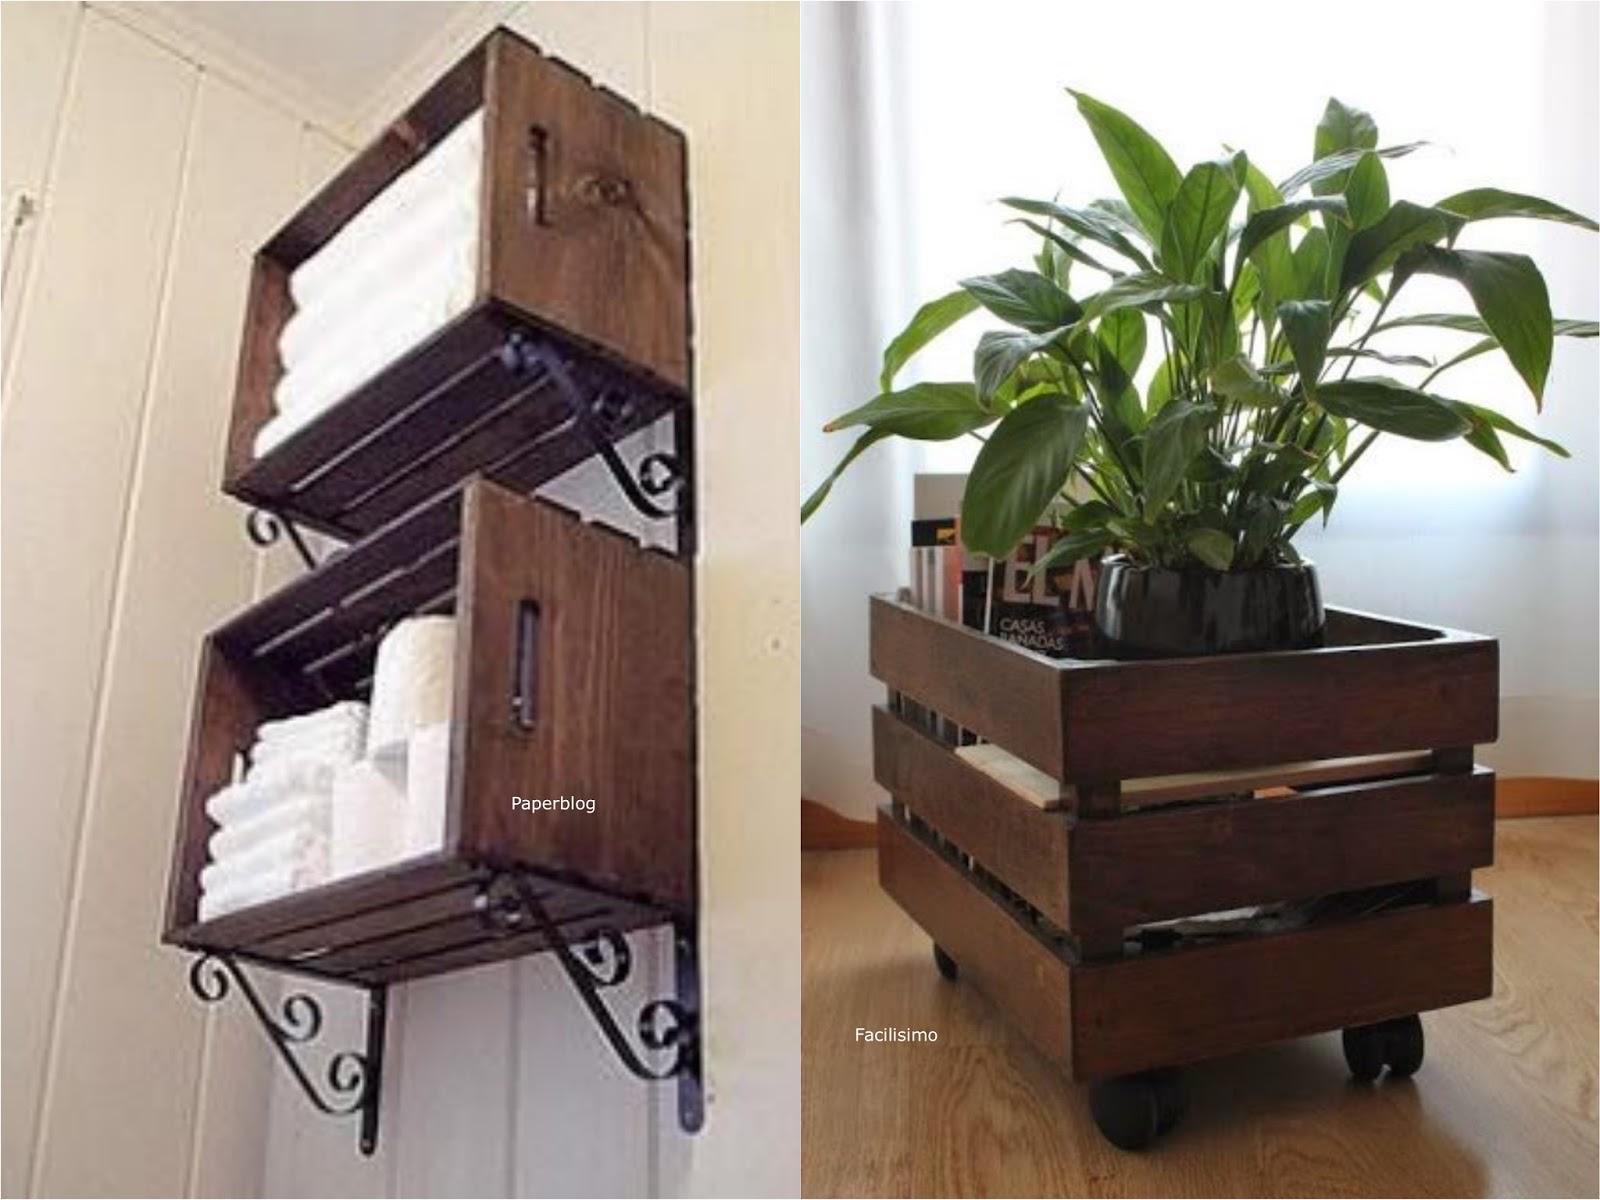 It mum decorar la casa con el diy de cajas de madera deco - Como decorar un joyero de madera ...